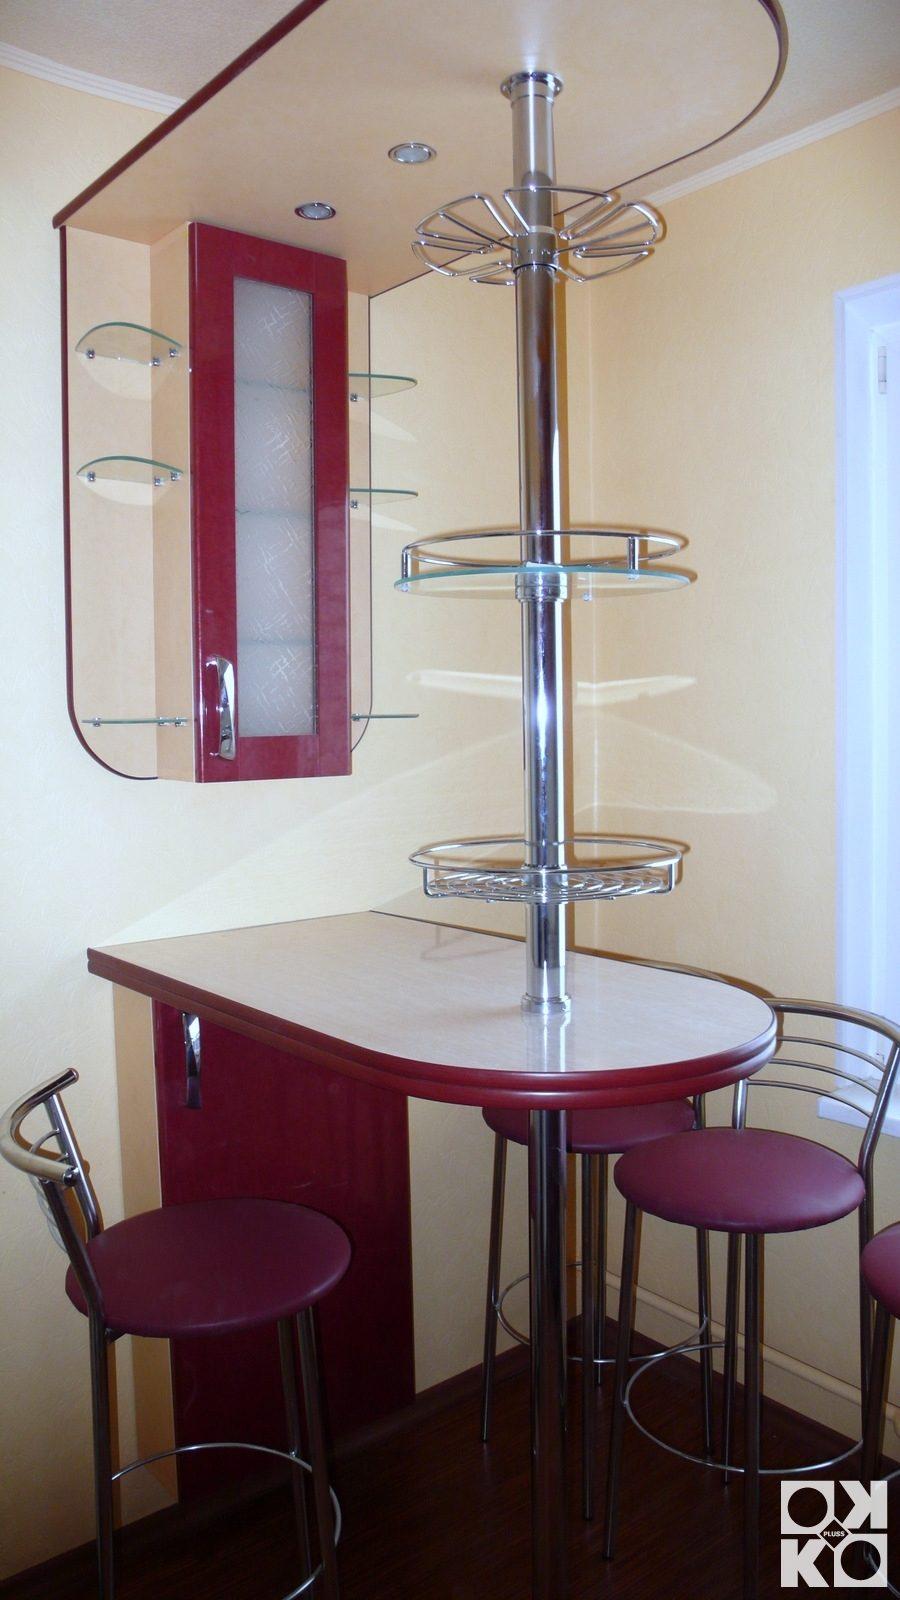 стены украшены показать в картинках барную стойку на кухне удача тебя